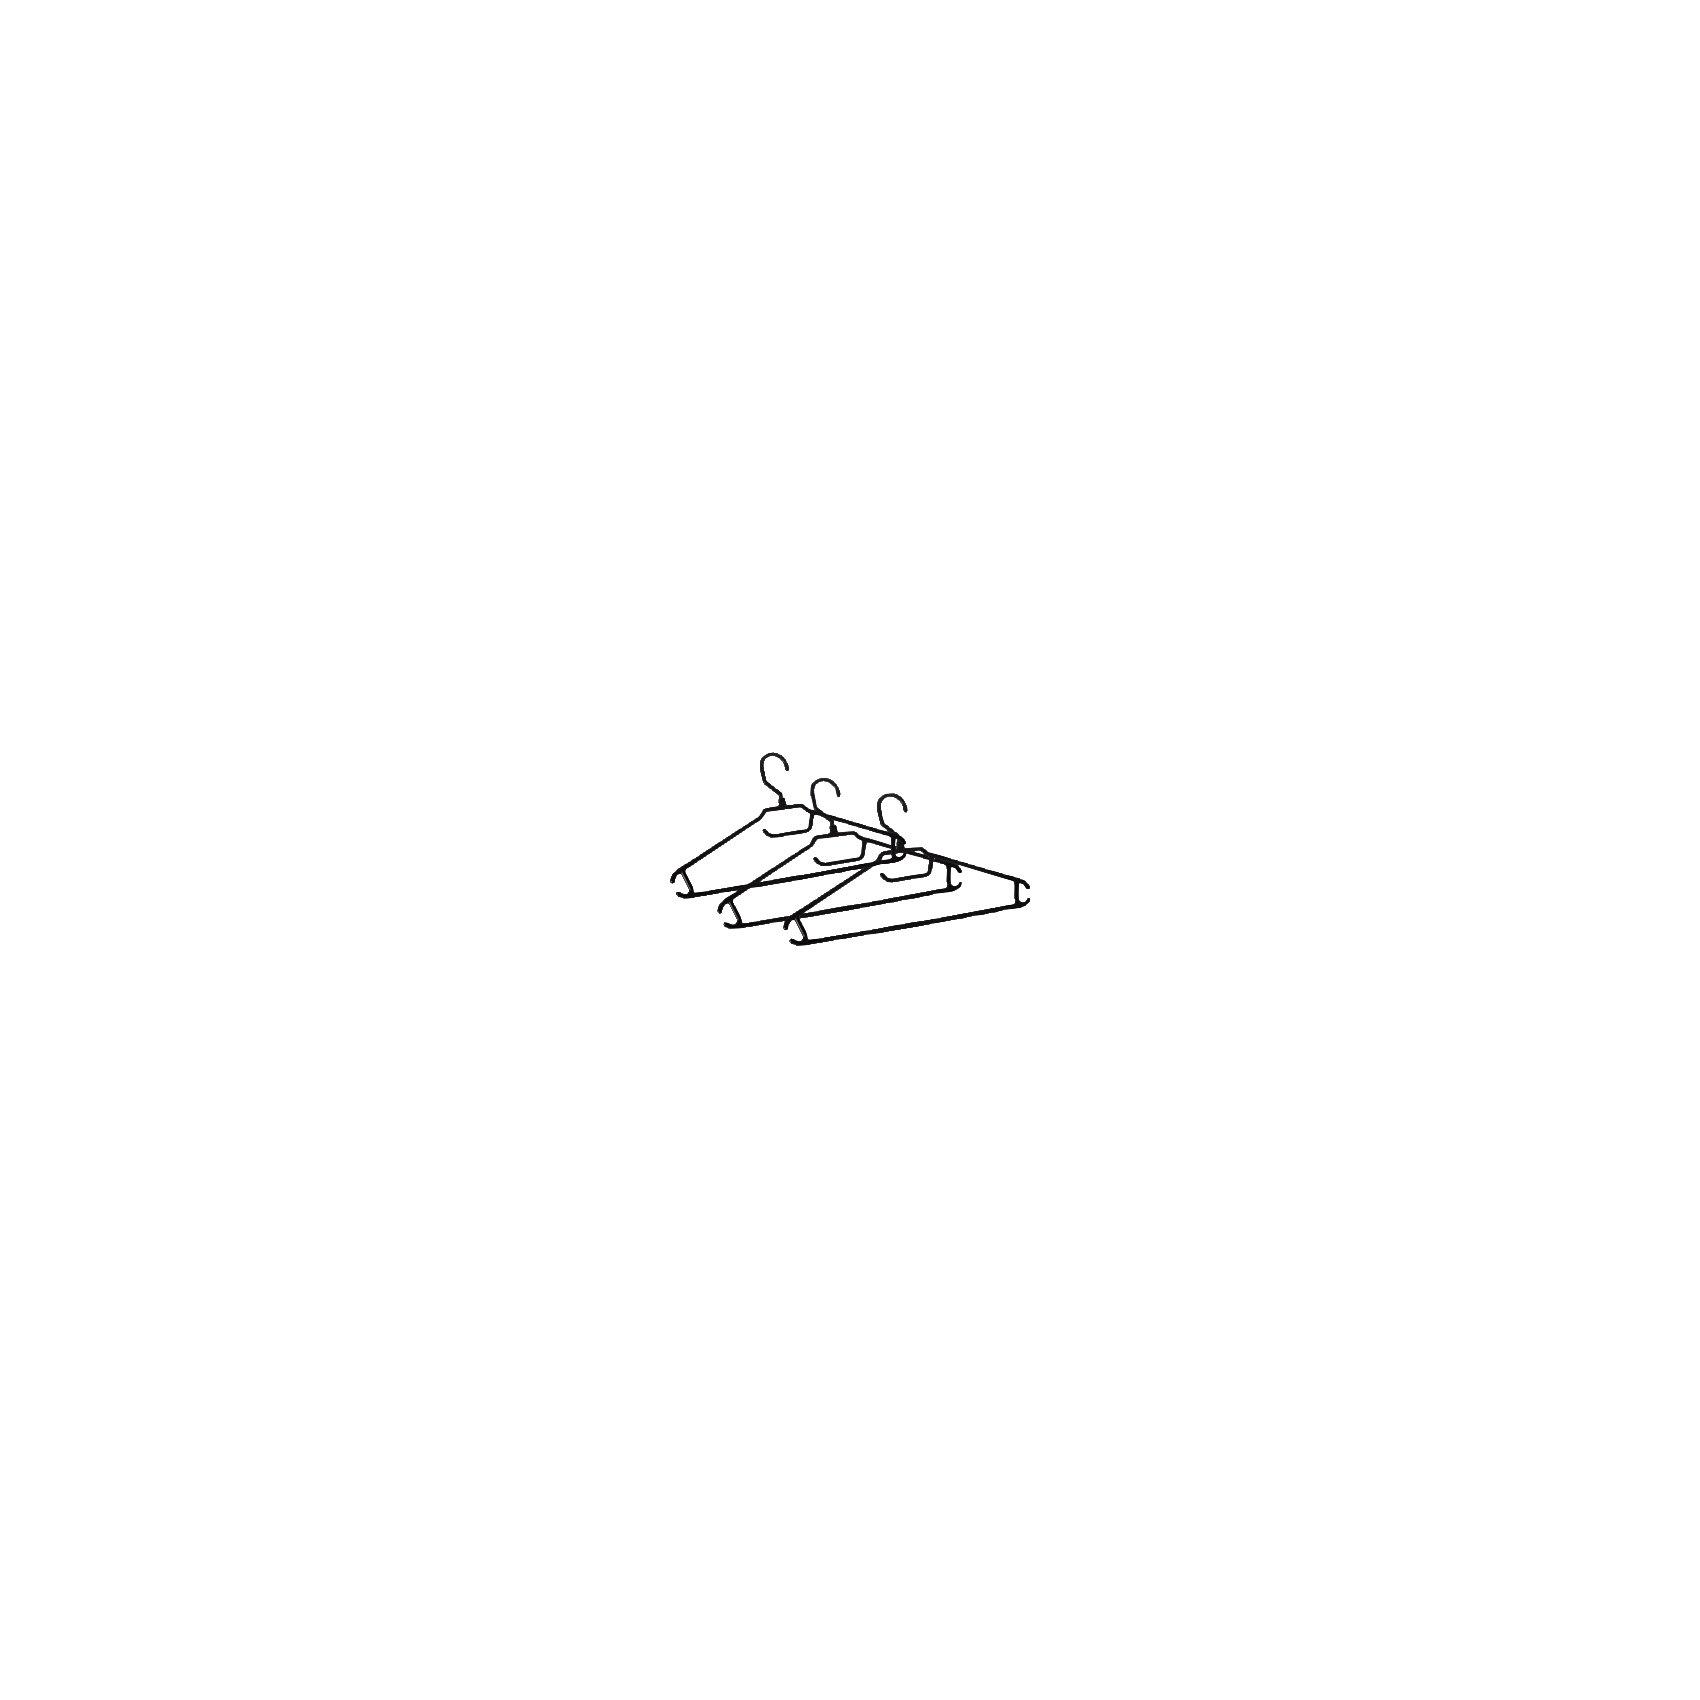 Вешалка-плечики для легкой одежды 48-50 (3 шт), BranQДетские предметы интерьера<br>Вешалка-плечики для легкой одежды 48-50 (3 шт), BranQ<br><br>Характеристики:<br><br>• Цвет: черный<br>• Материал: пластик<br>• В комплекте: 3 штуки<br><br>Каждая вешалка изготовлена из пластика высокого качества, а потому имеет повышенную прочность и не бьется. Оснащена закругленными плечиками, для предоставления более бережного хранения вашим вещам, а так же имеет перекладину и три крючка.<br><br>Вешалка-плечики для легкой одежды 48-50 (3 шт), BranQ можно купить в нашем интернет-магазине.<br><br>Ширина мм: 405<br>Глубина мм: 205<br>Высота мм: 30<br>Вес г: 184<br>Возраст от месяцев: 216<br>Возраст до месяцев: 1188<br>Пол: Унисекс<br>Возраст: Детский<br>SKU: 5545605